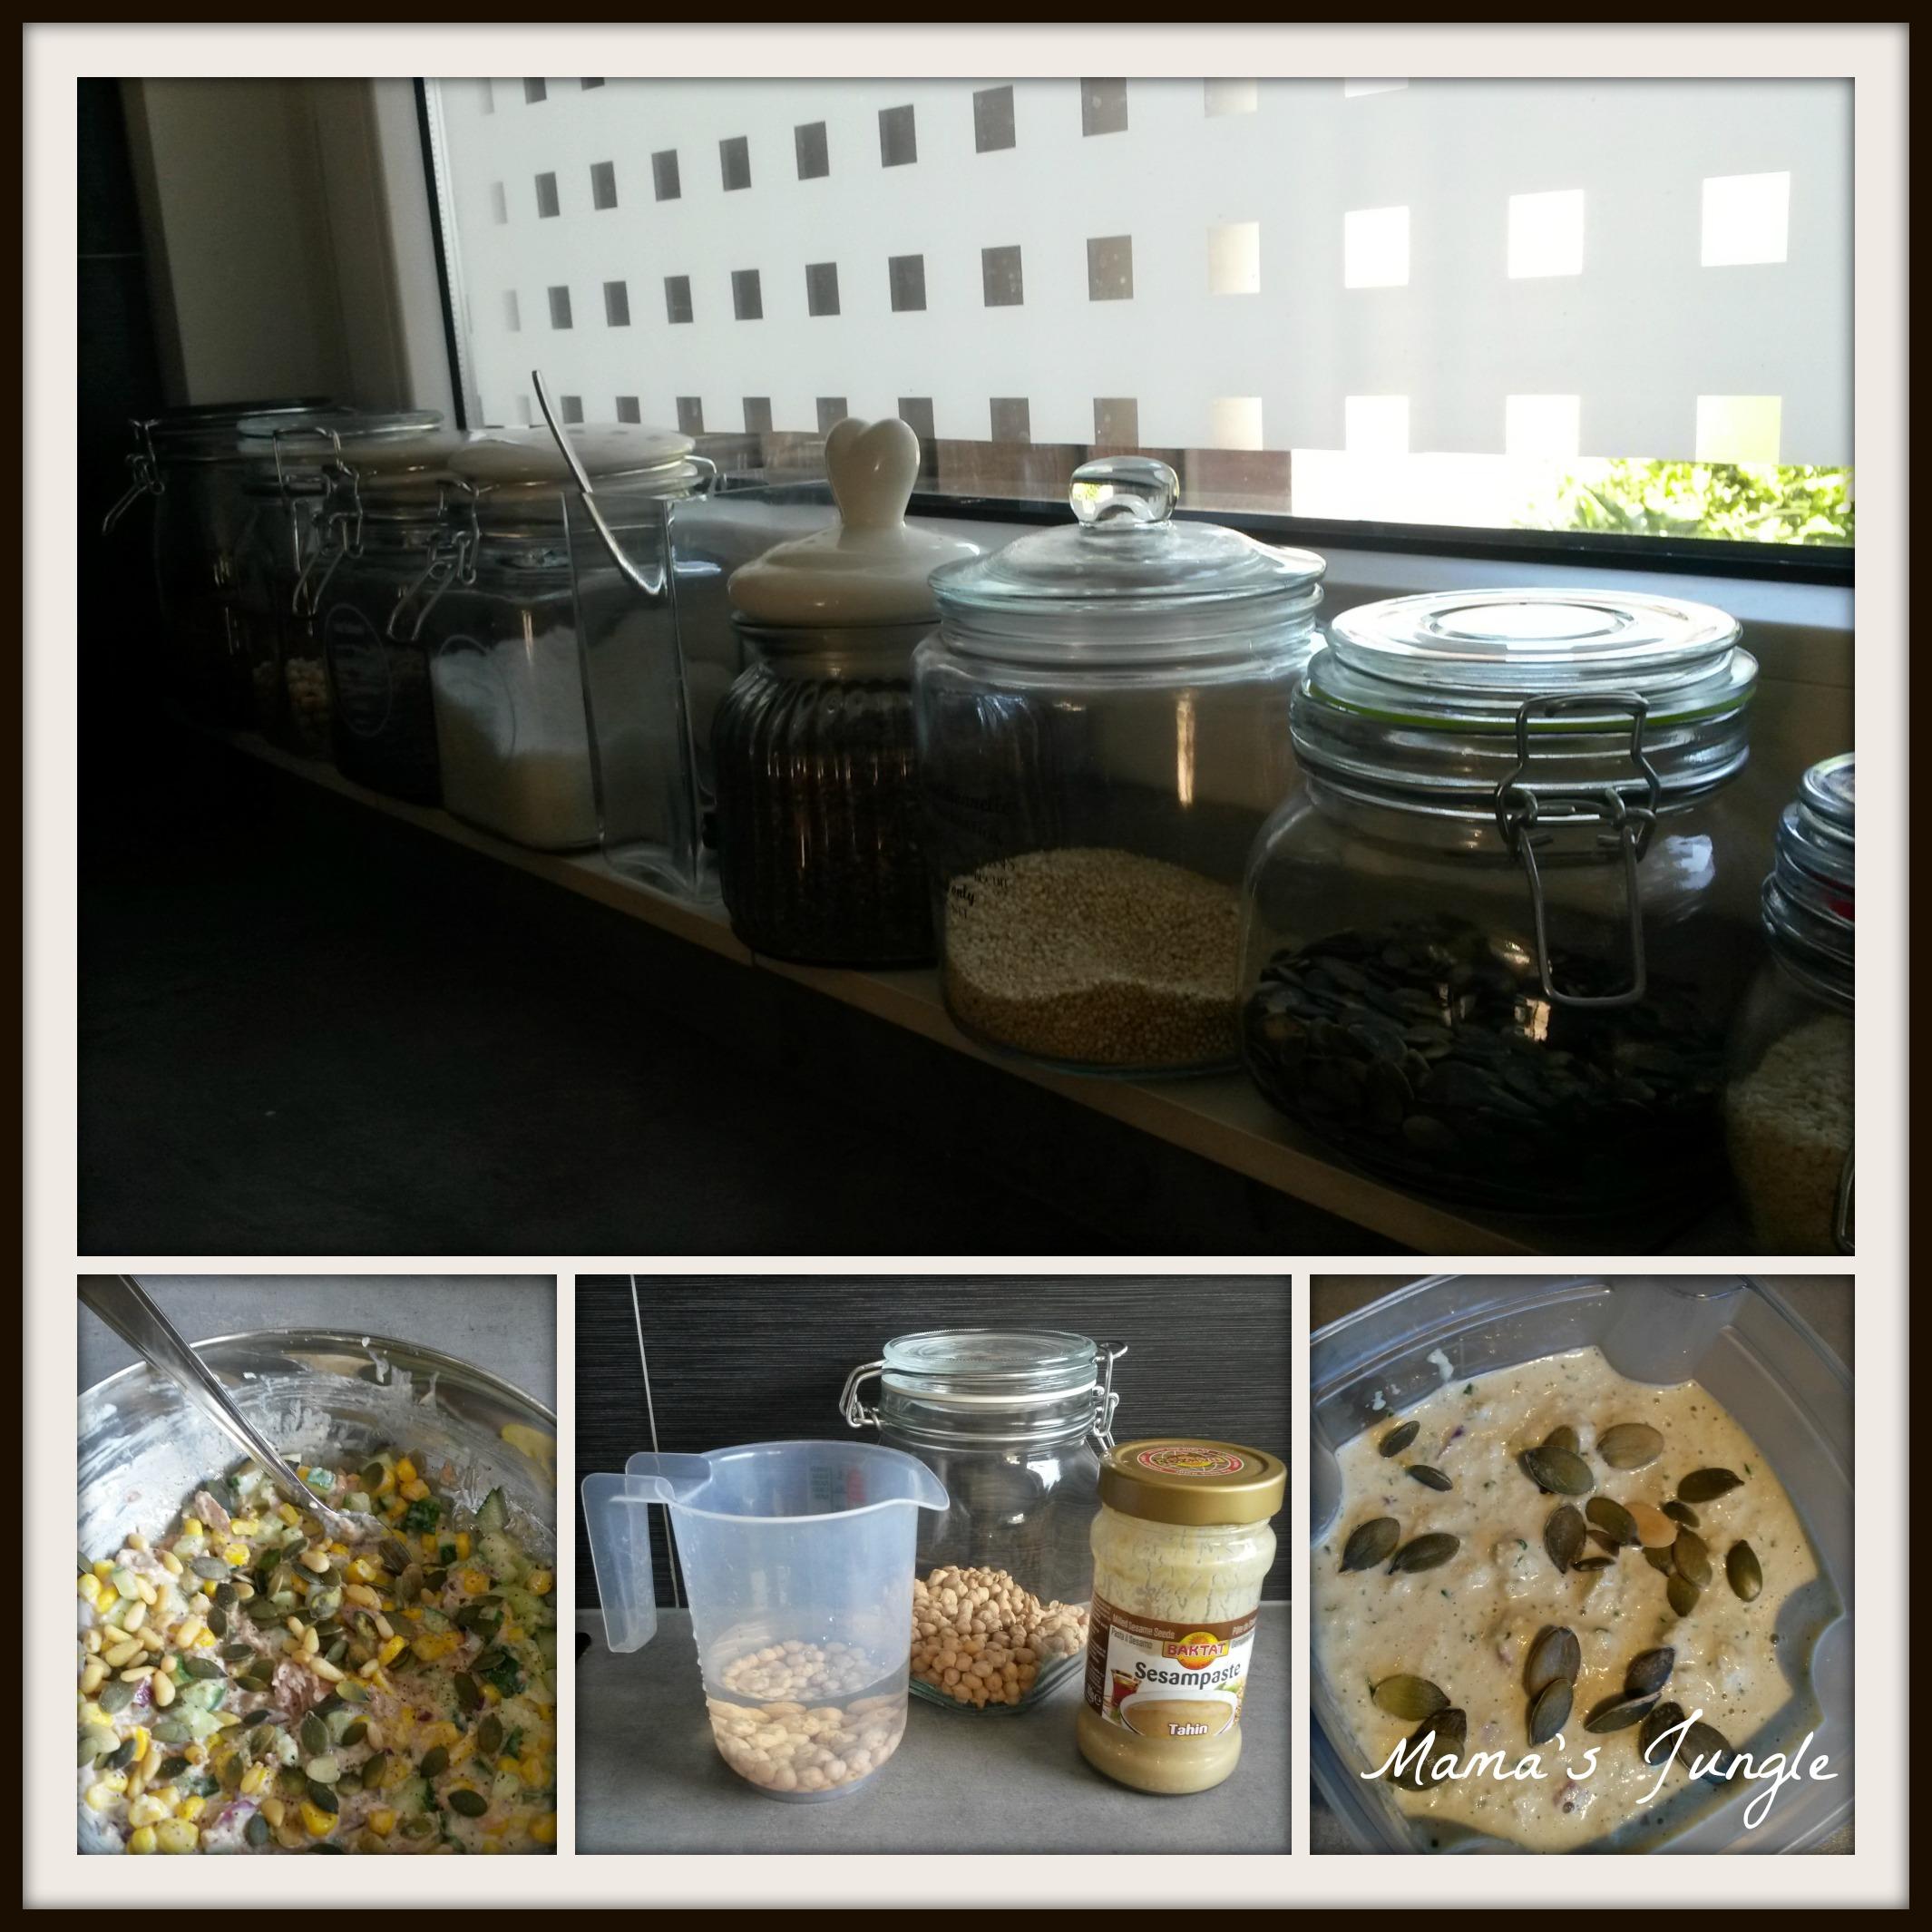 tonijnsalade met zaadjes